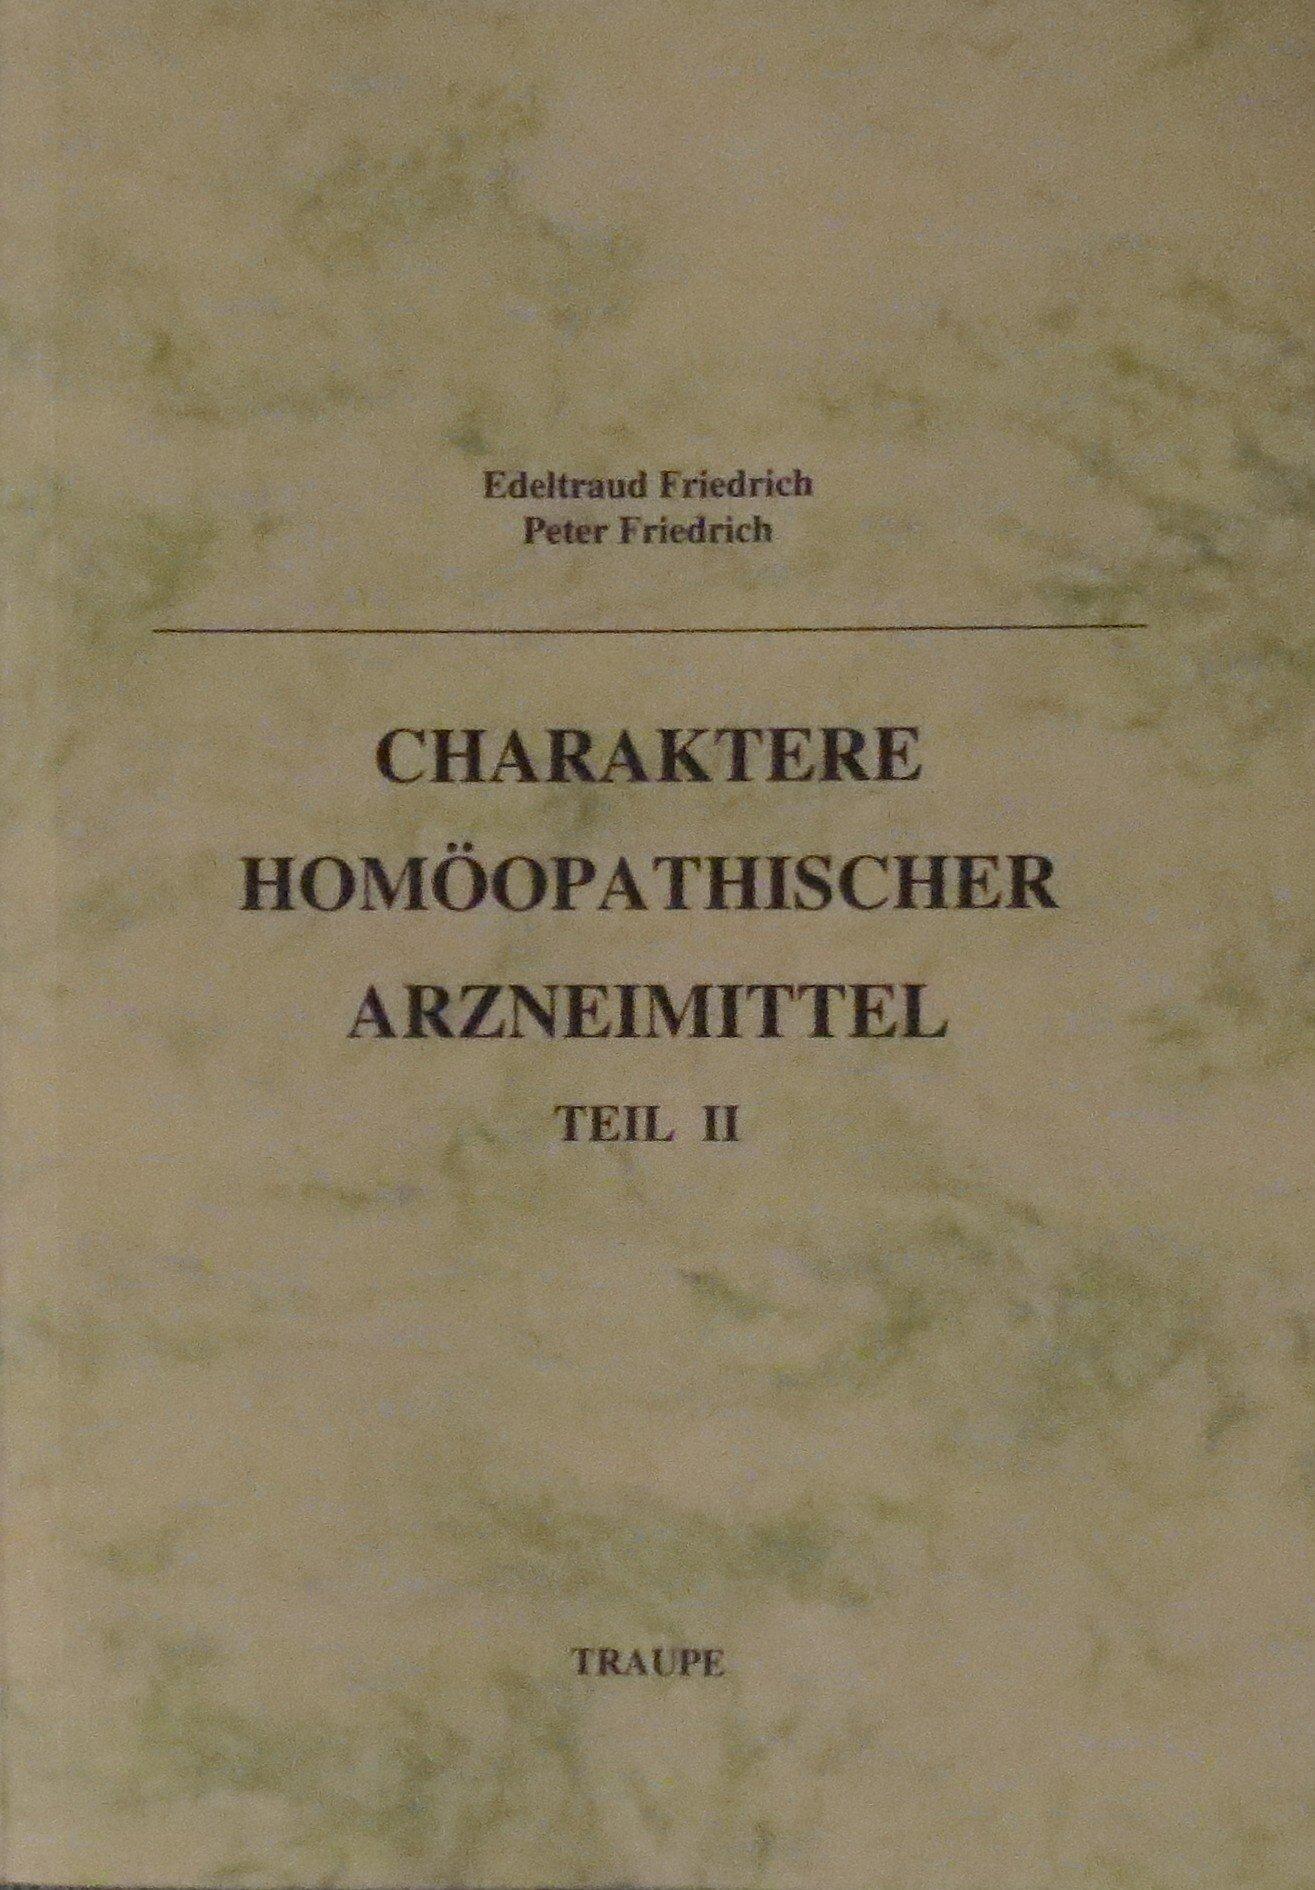 Charaktere homöopathischer Arzneimittel. Teil II von Edeltraud Friedrich (Juli 2002) Broschiert